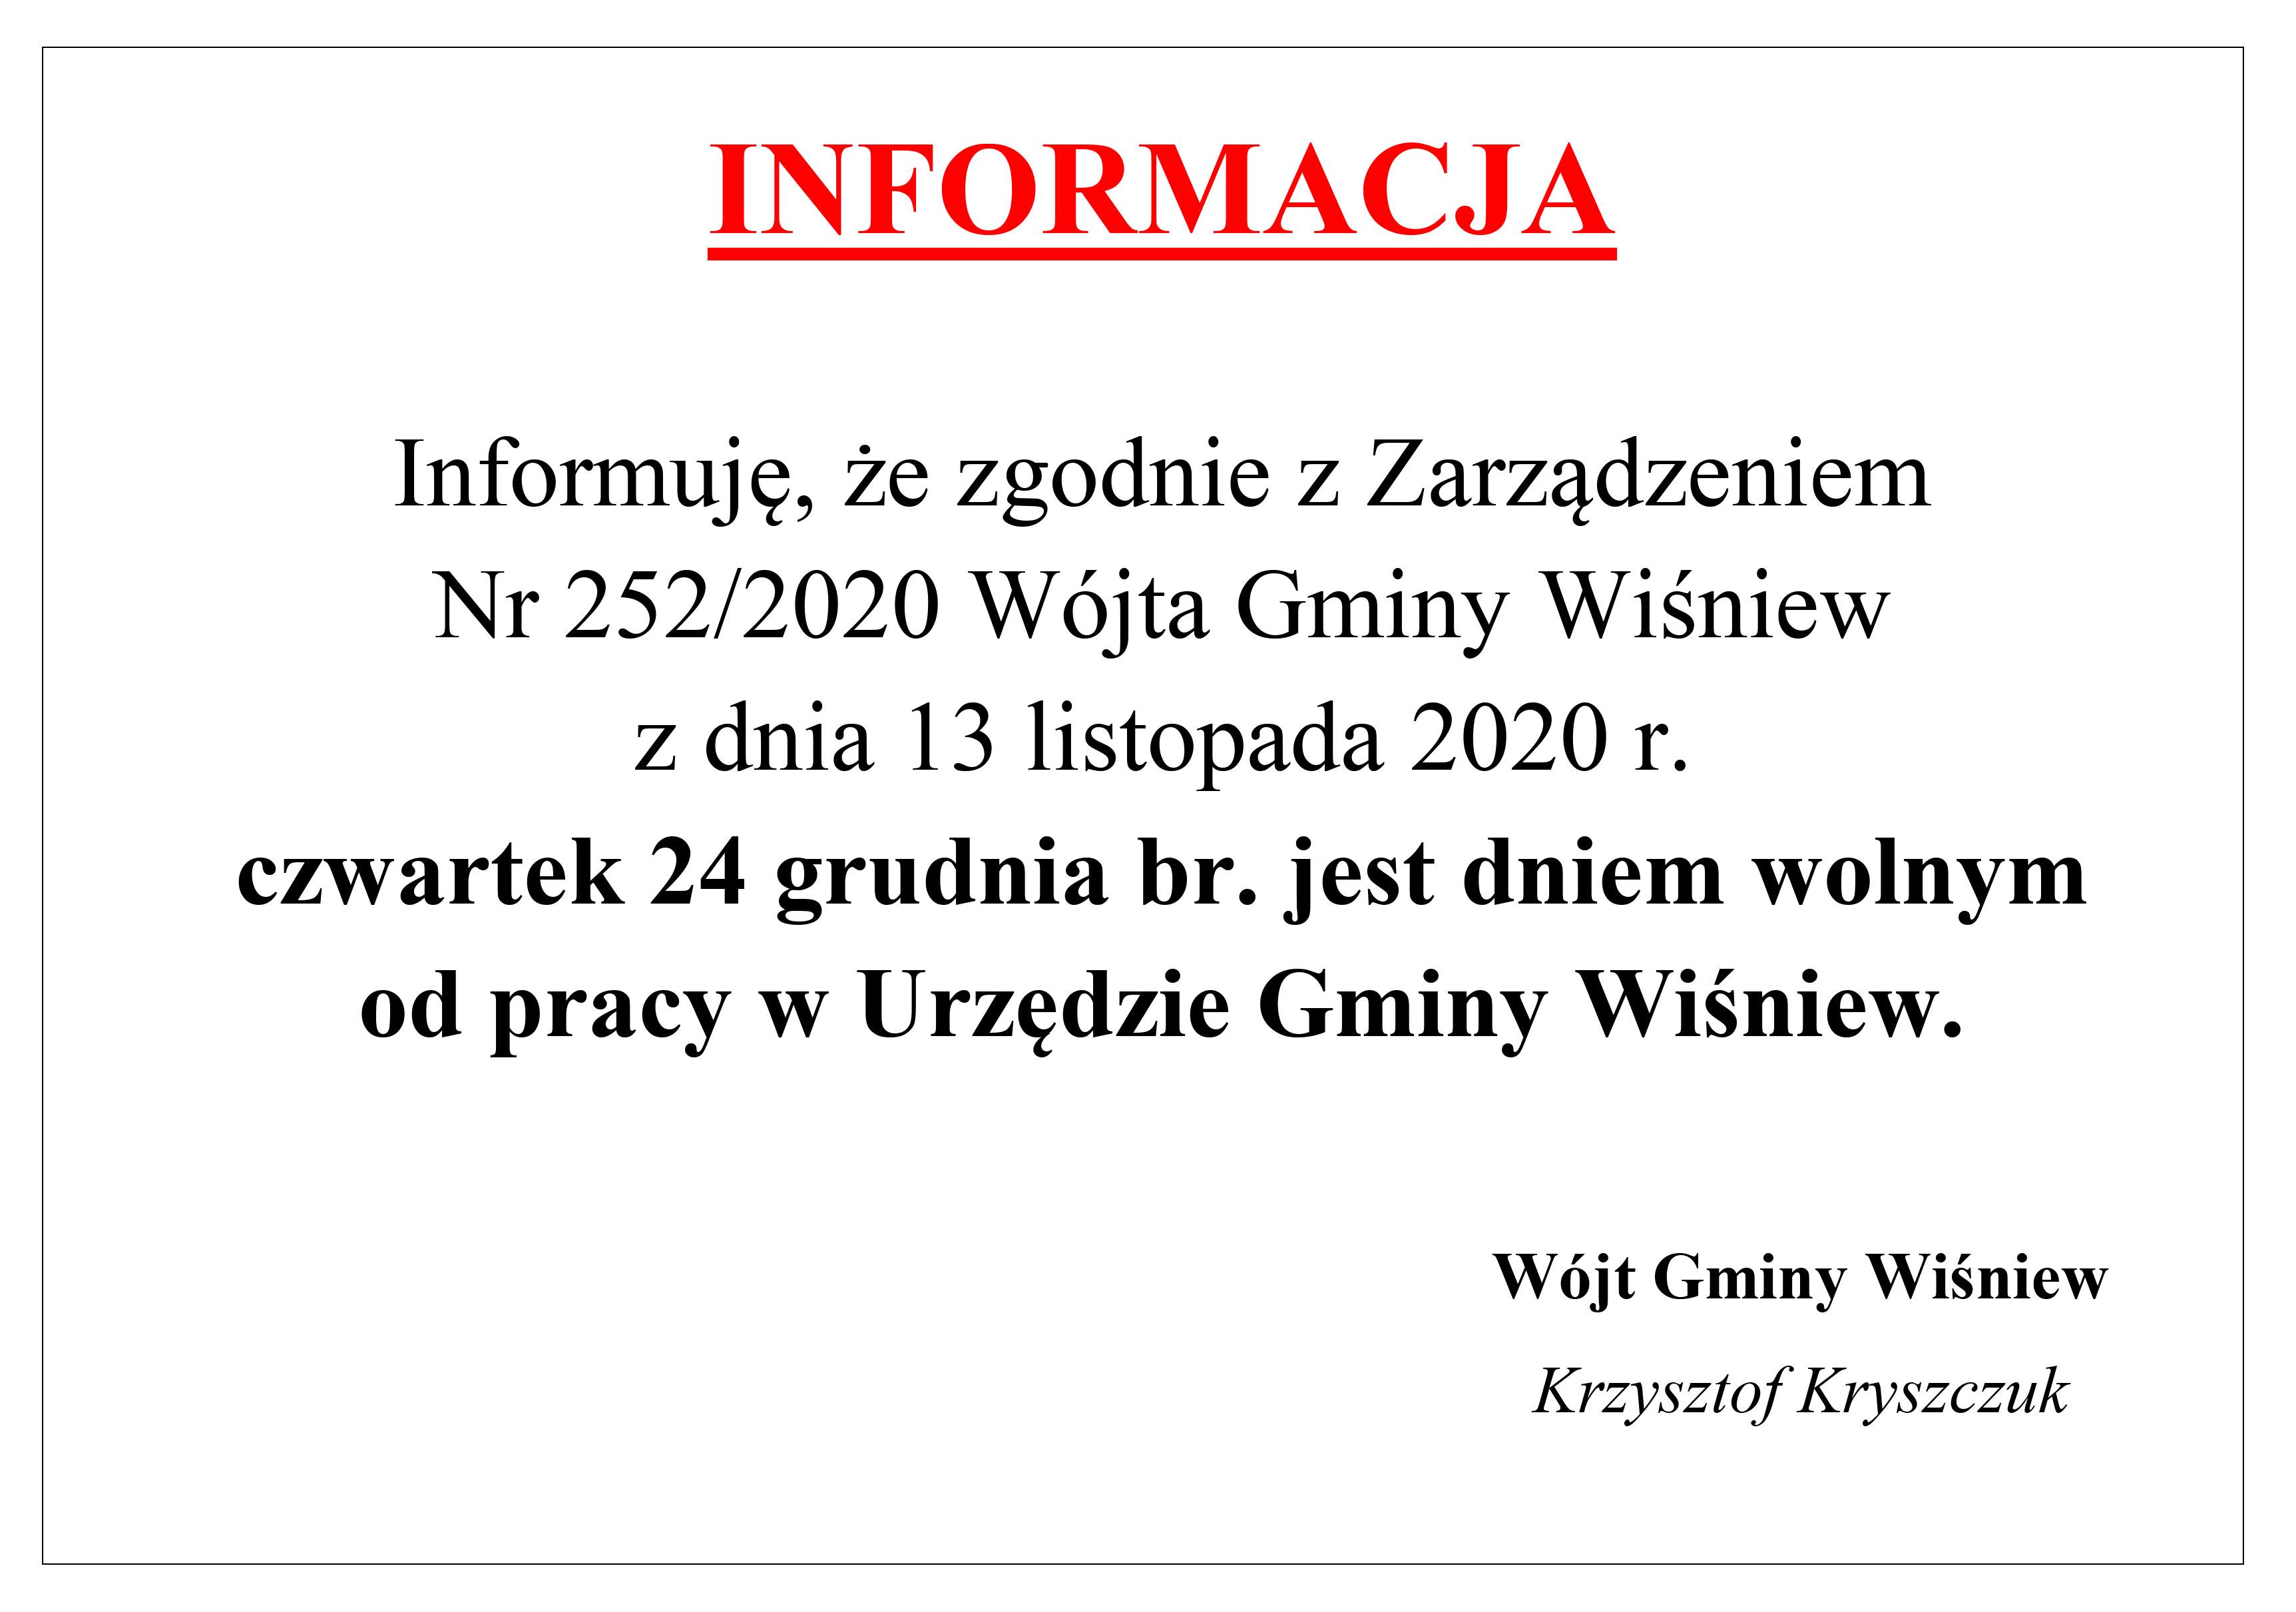 INFORMACJA       Informuję, że zgodnie z Zarządzeniem  Nr 252/2020 Wójta Gminy Wiśniew  z dnia 13 listopada 2020 r.  czwartek 24 grudnia br. jest dniem wolnym  od pracy w Urzędzie Gminy Wiśniew. Wójt Gminy Wiśniew Krzysztof Kryszczuk